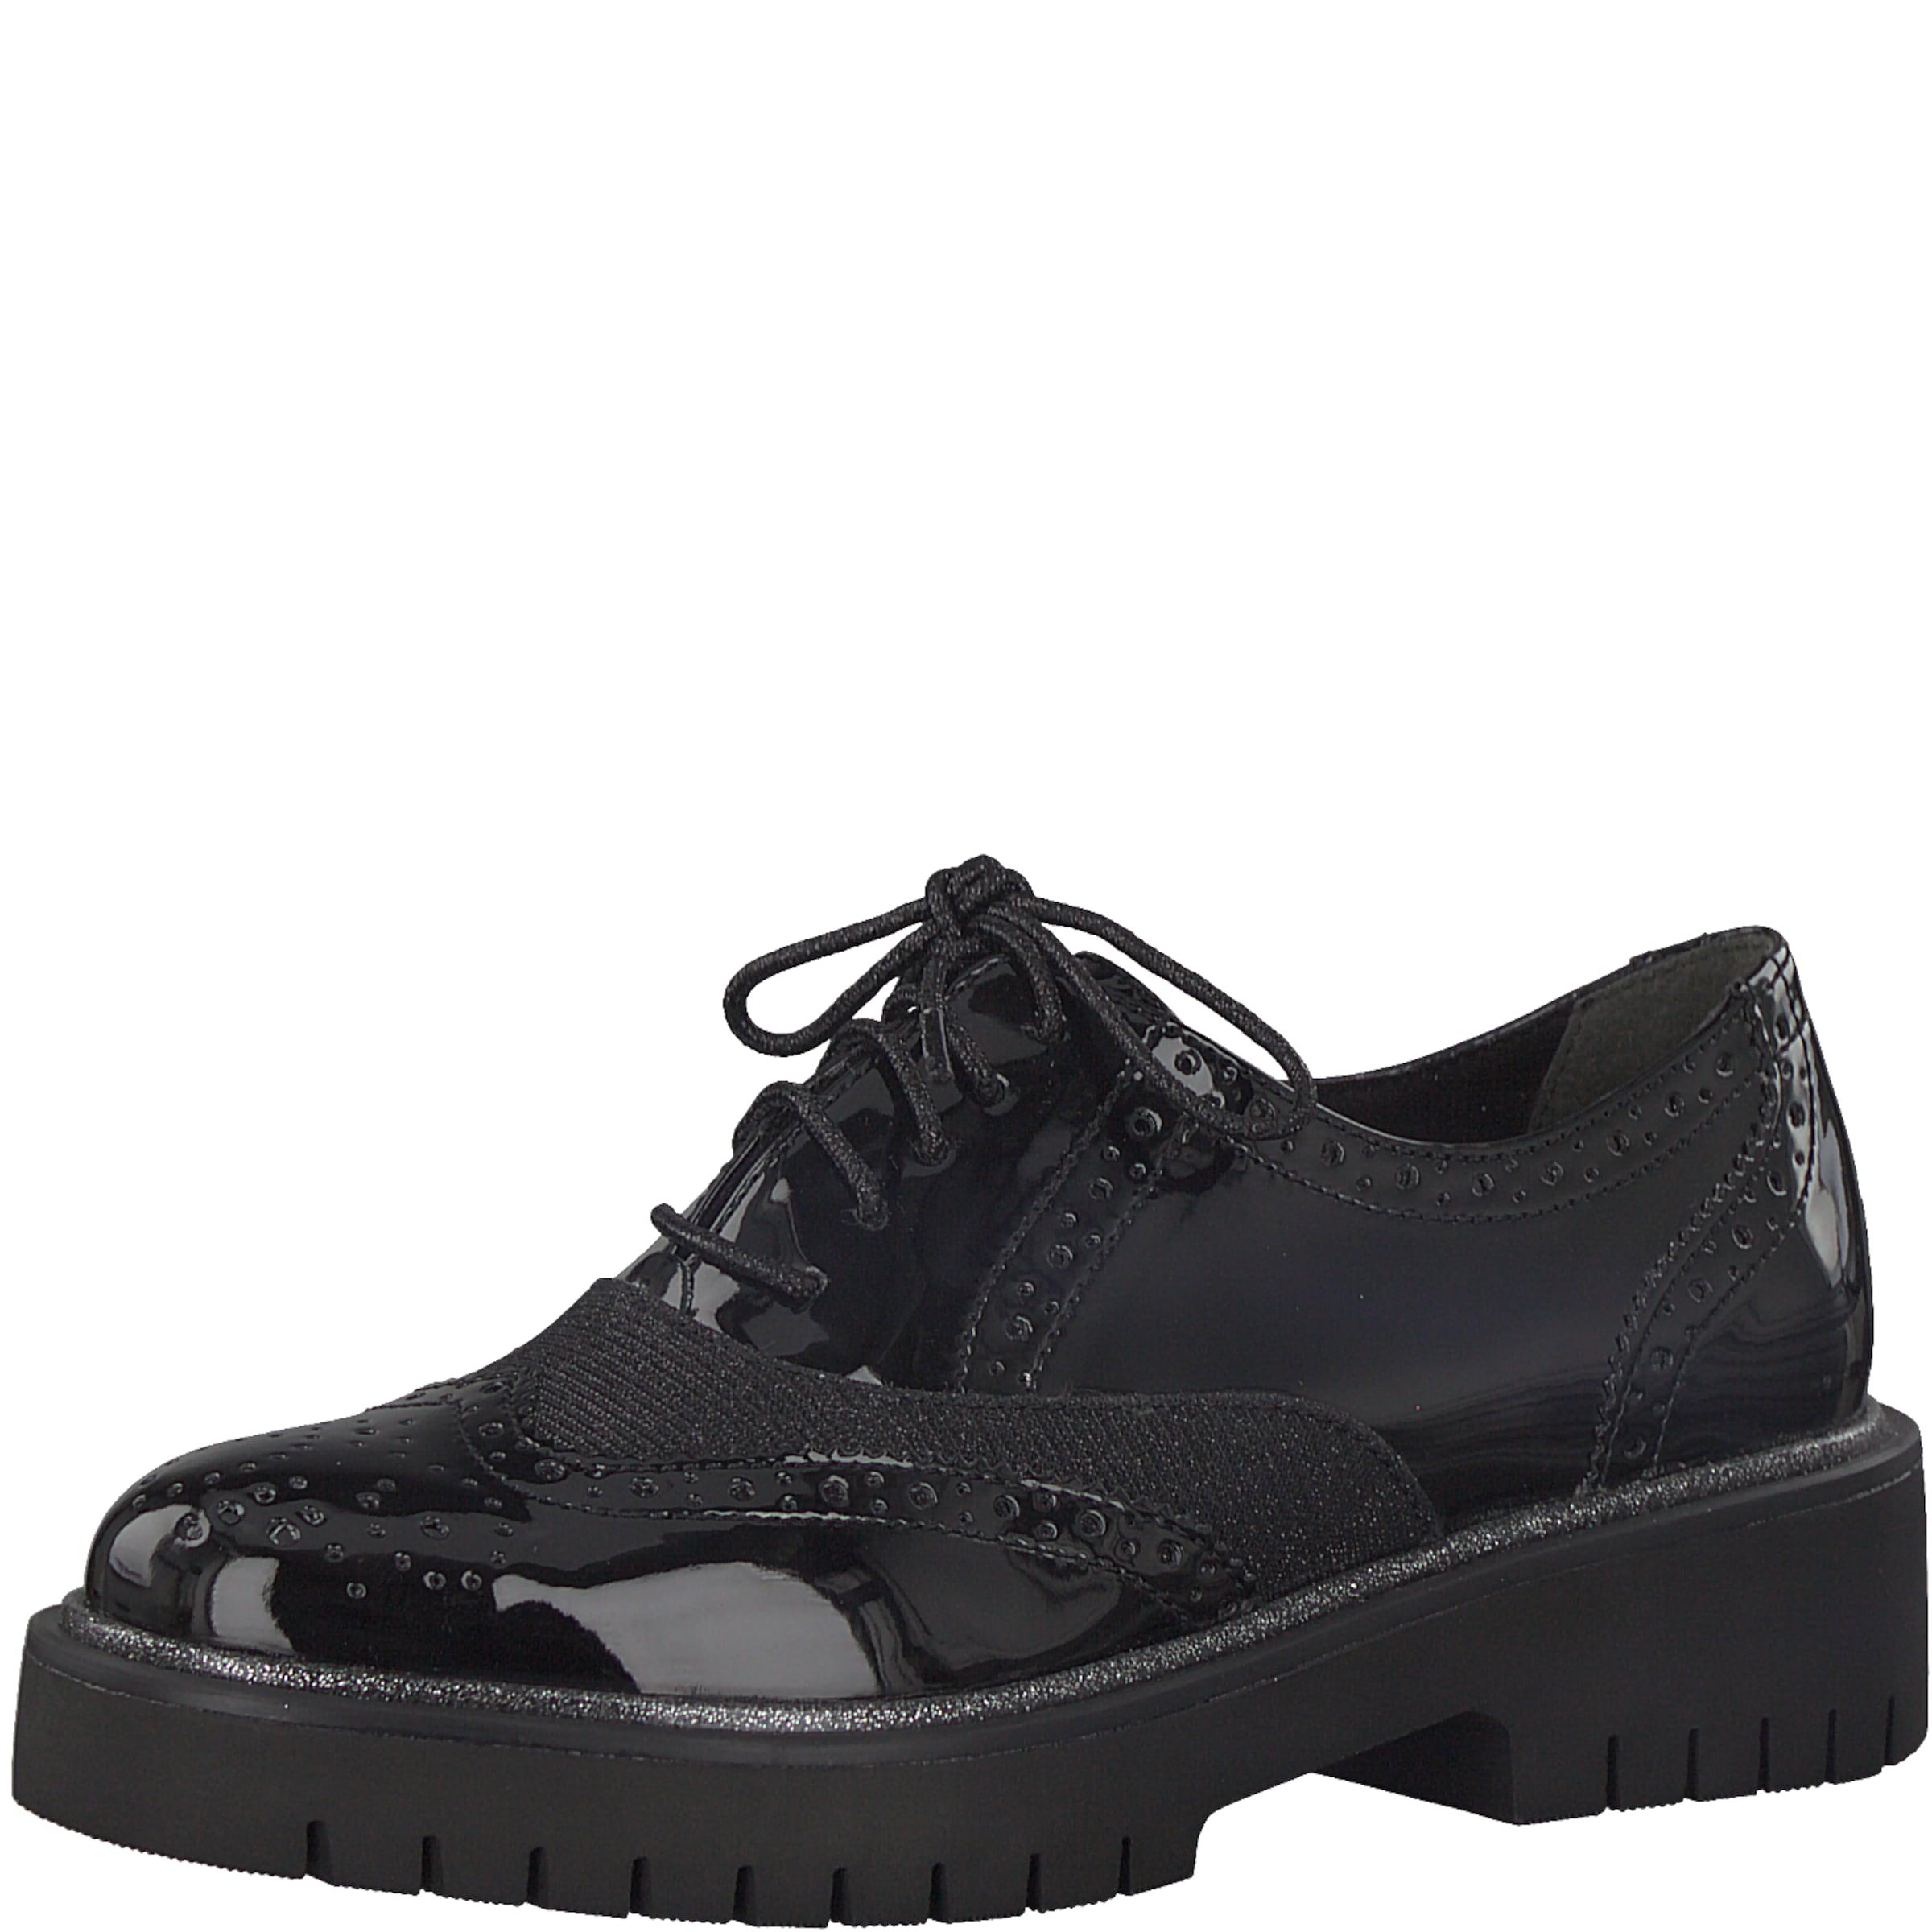 TAMARIS Schnürer Verschleißfeste billige Schuhe Hohe Qualität